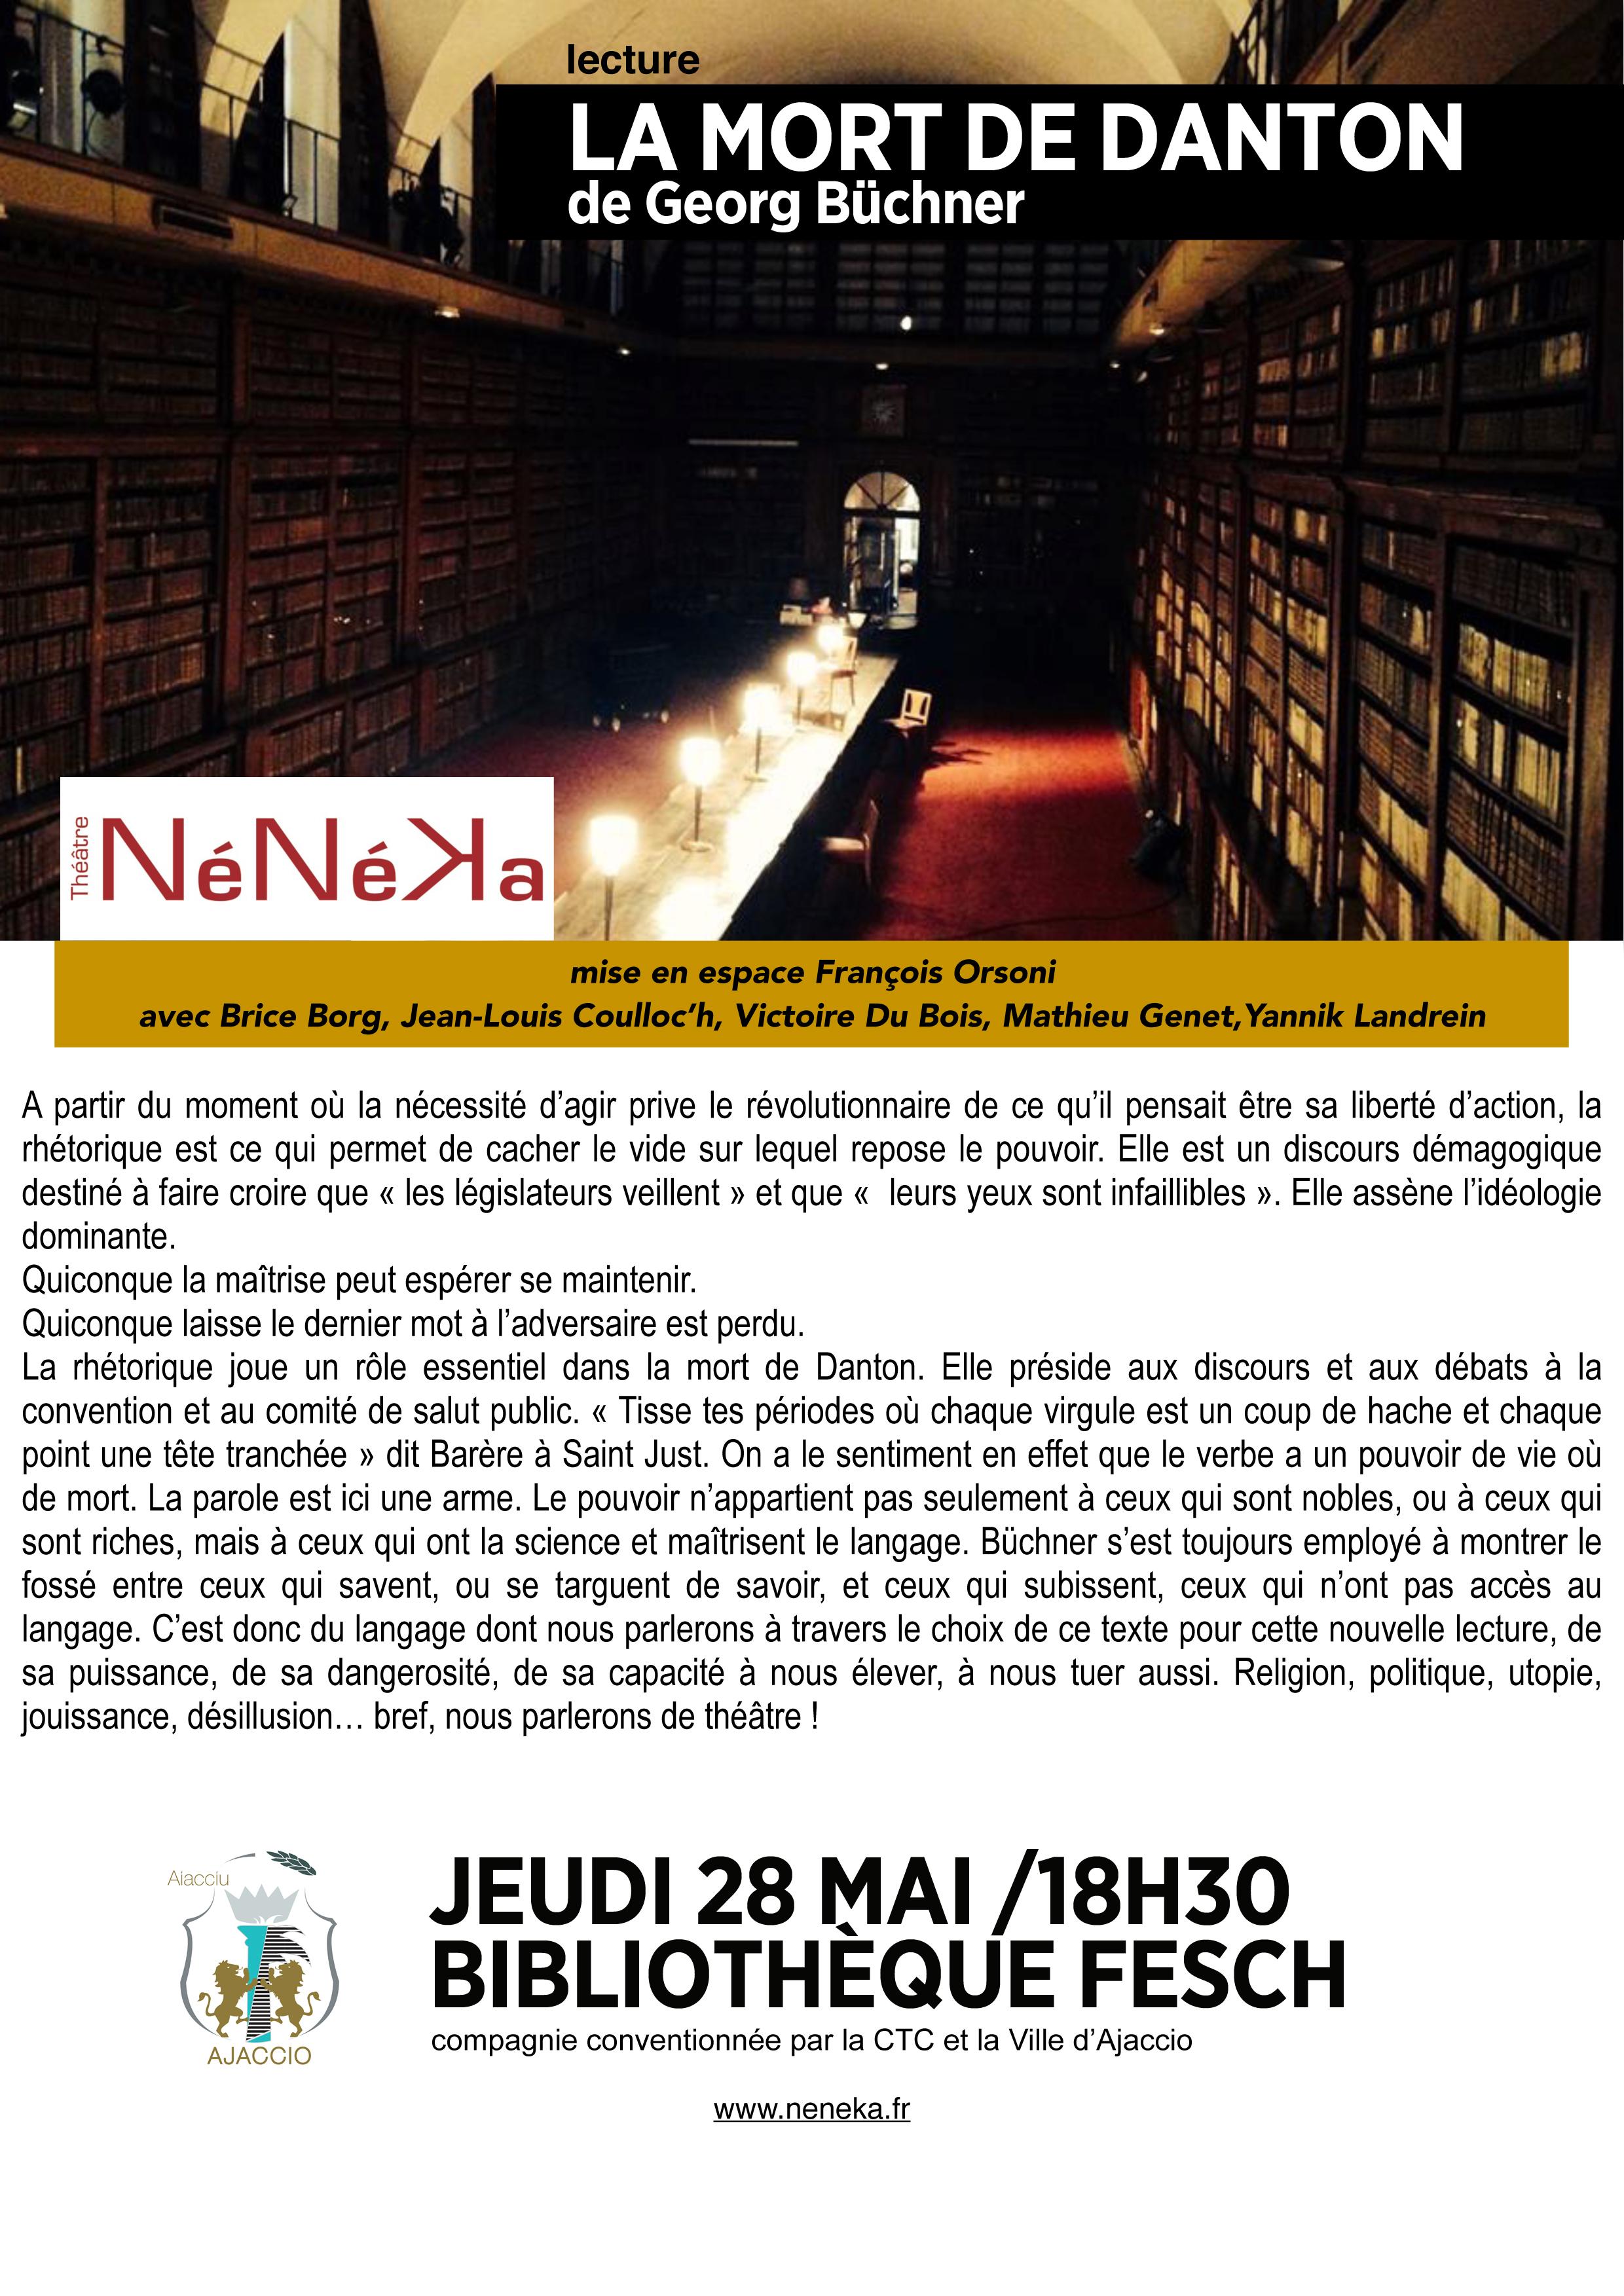 """Jeudi 28 mai 18h30 Lecture à la Bibliothèque / Théâtre NéNéka / """"La mort de Danton"""" de Georg Büchner"""